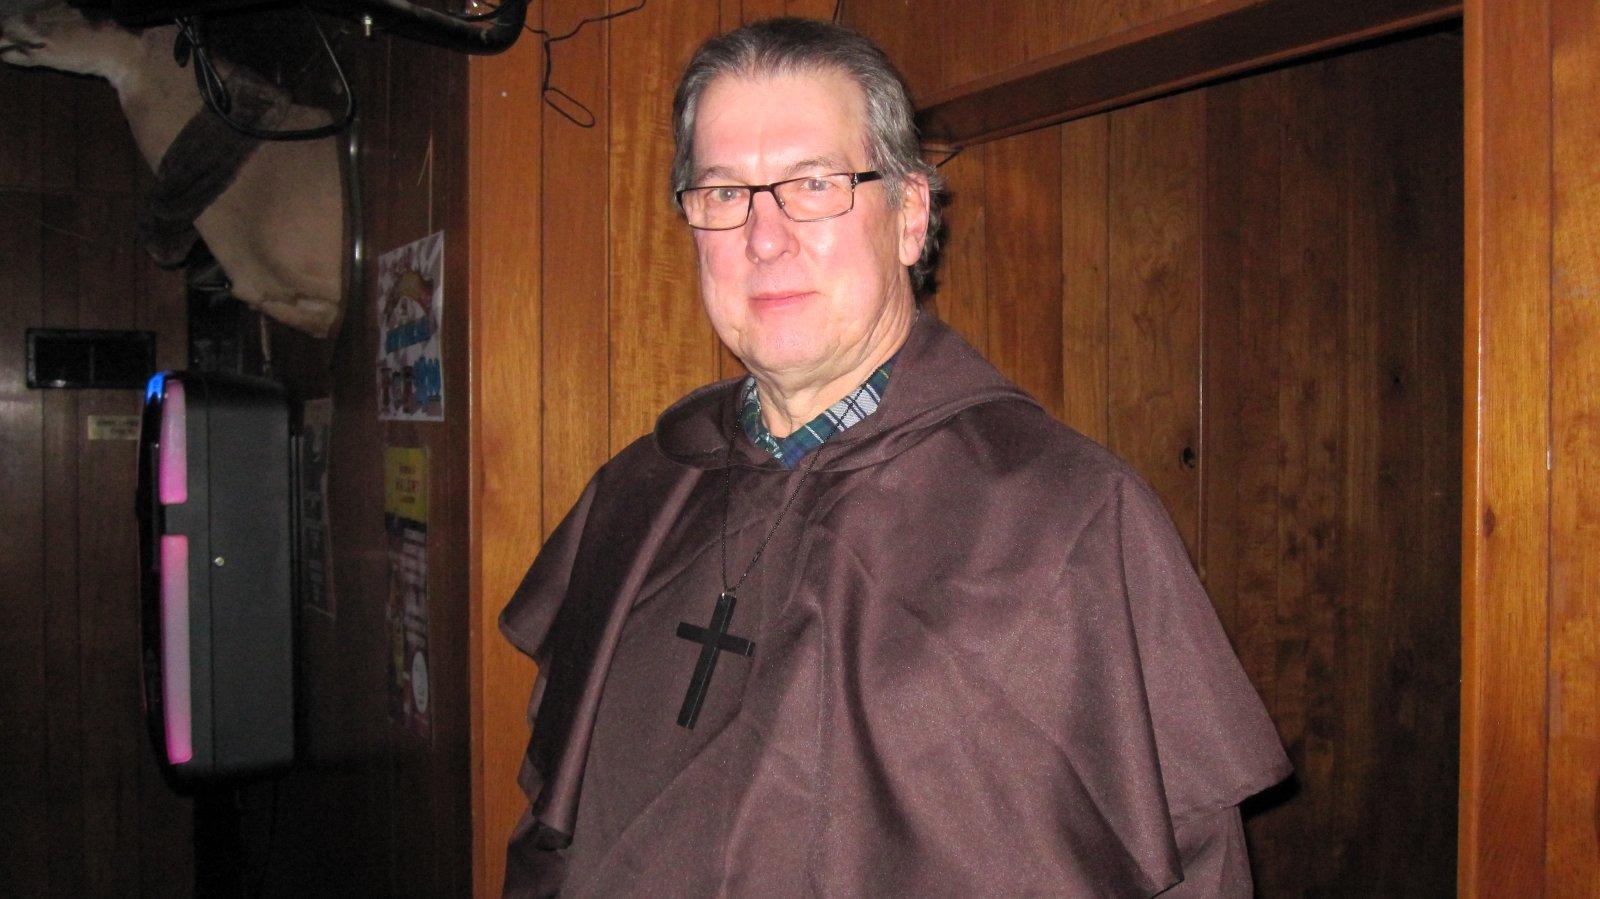 Jim Klisch